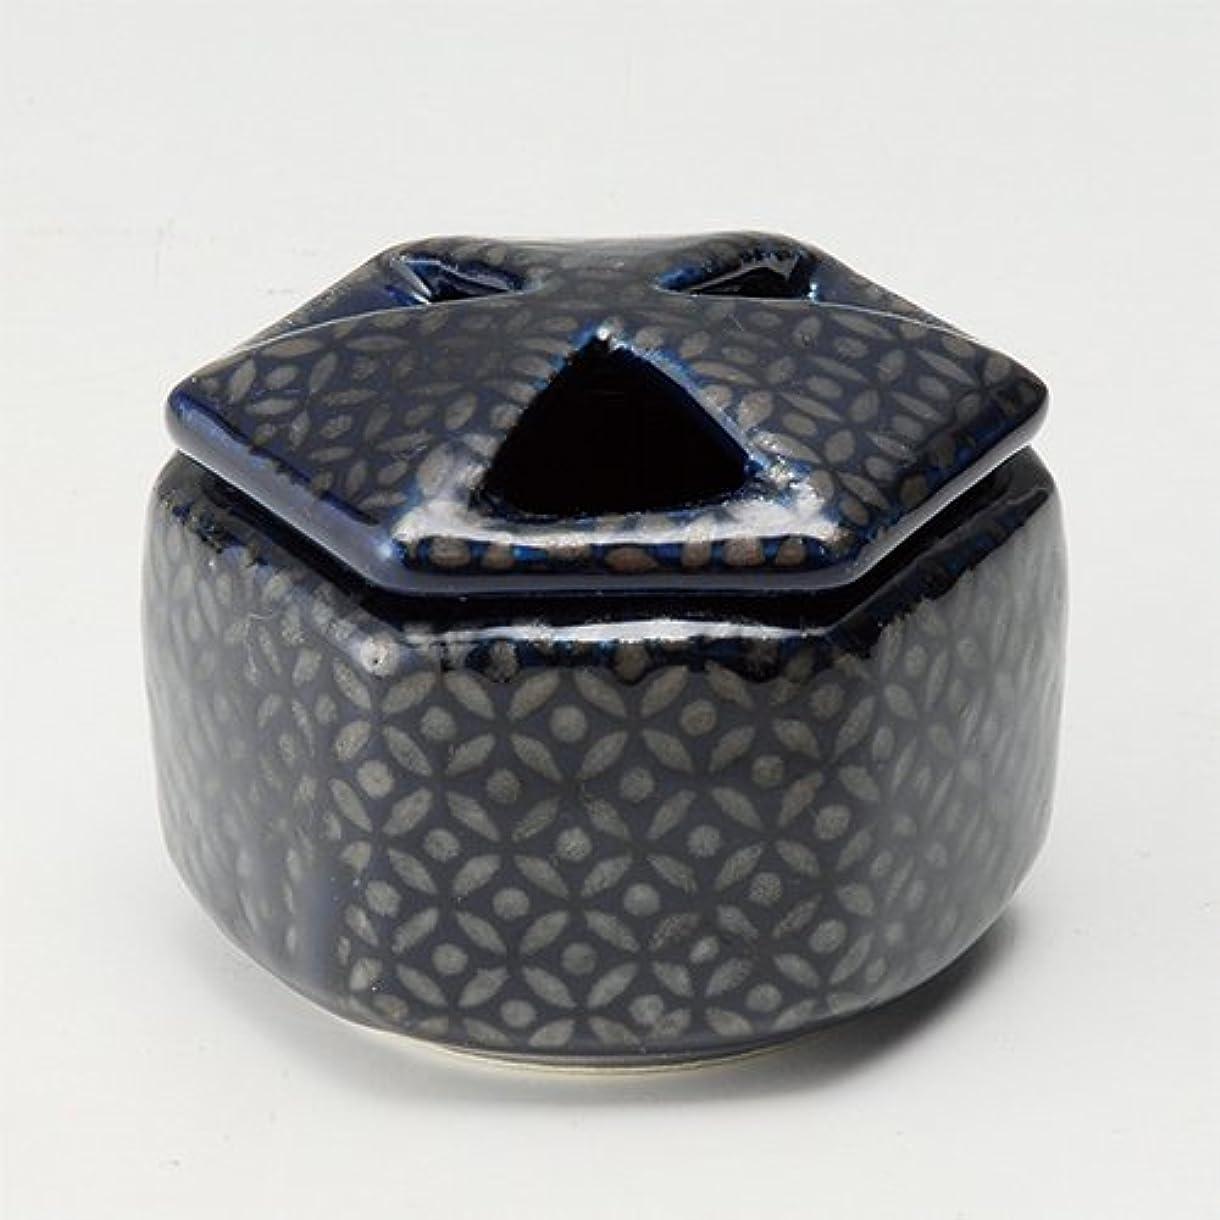 セットする許可長方形香炉 瑠璃七宝 六角香炉 [R8.8xH6.5cm] プレゼント ギフト 和食器 かわいい インテリア